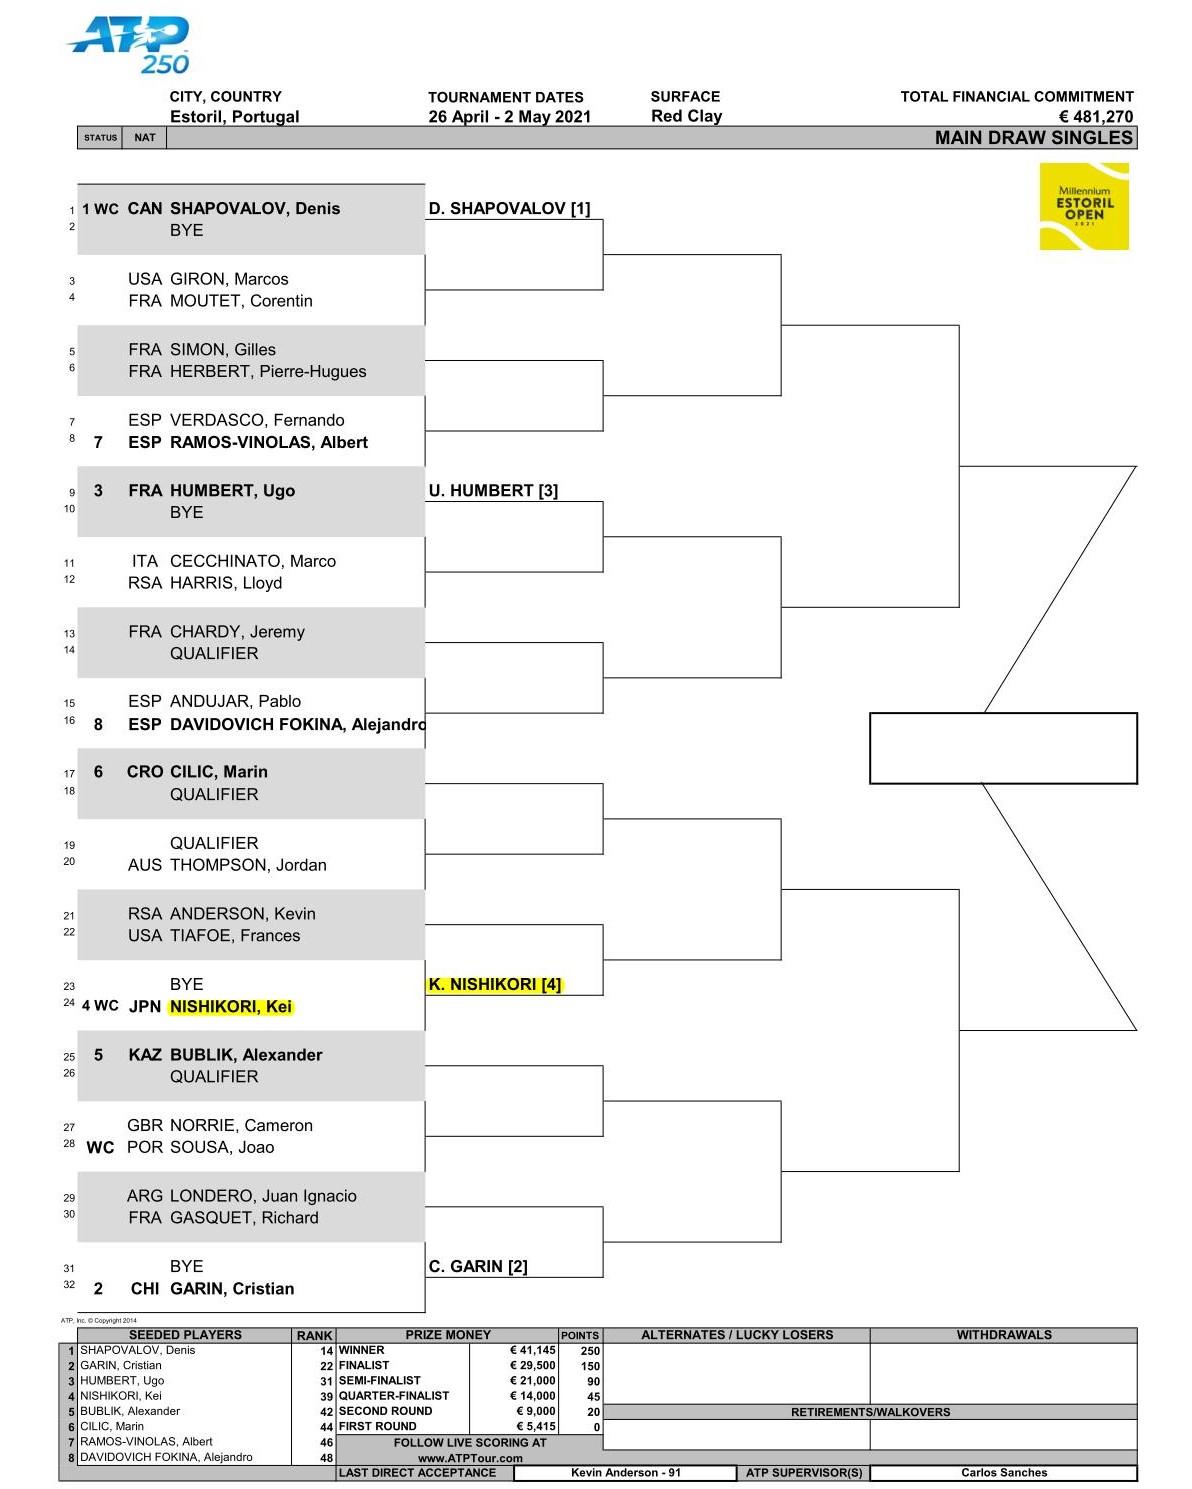 エストリルオープン 2021のドロー(トーナメント表)錦織圭出場予定